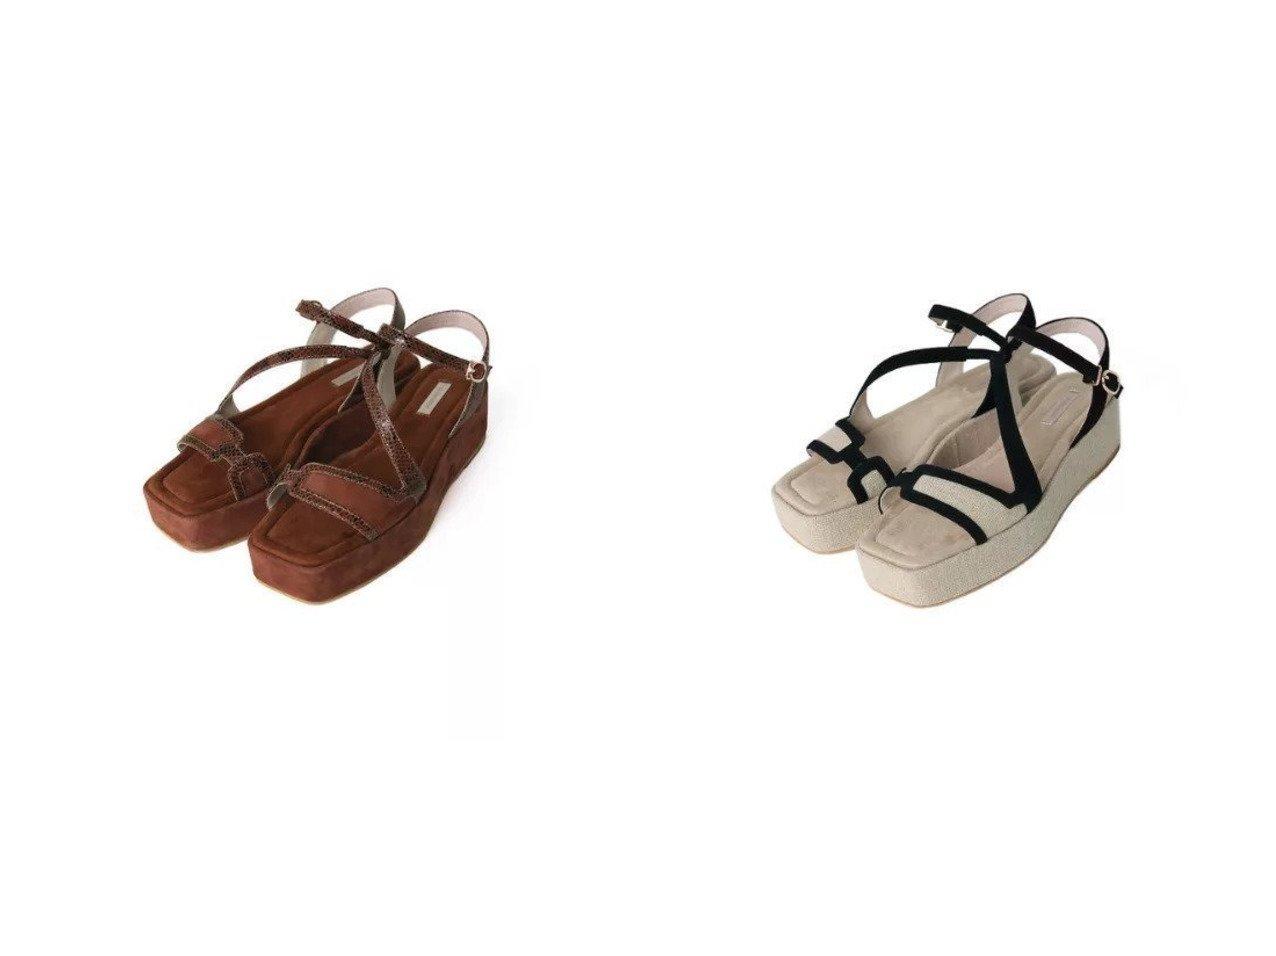 【Au BANNISTER/オゥ バニスター】のカットワーク厚底サンダル 【シューズ・靴】おすすめ!人気、トレンド・レディースファッションの通販 おすすめで人気の流行・トレンド、ファッションの通販商品 インテリア・家具・メンズファッション・キッズファッション・レディースファッション・服の通販 founy(ファニー) https://founy.com/ ファッション Fashion レディースファッション WOMEN おすすめ Recommend サンダル シューズ ラップ ワーク 厚底  ID:crp329100000052541